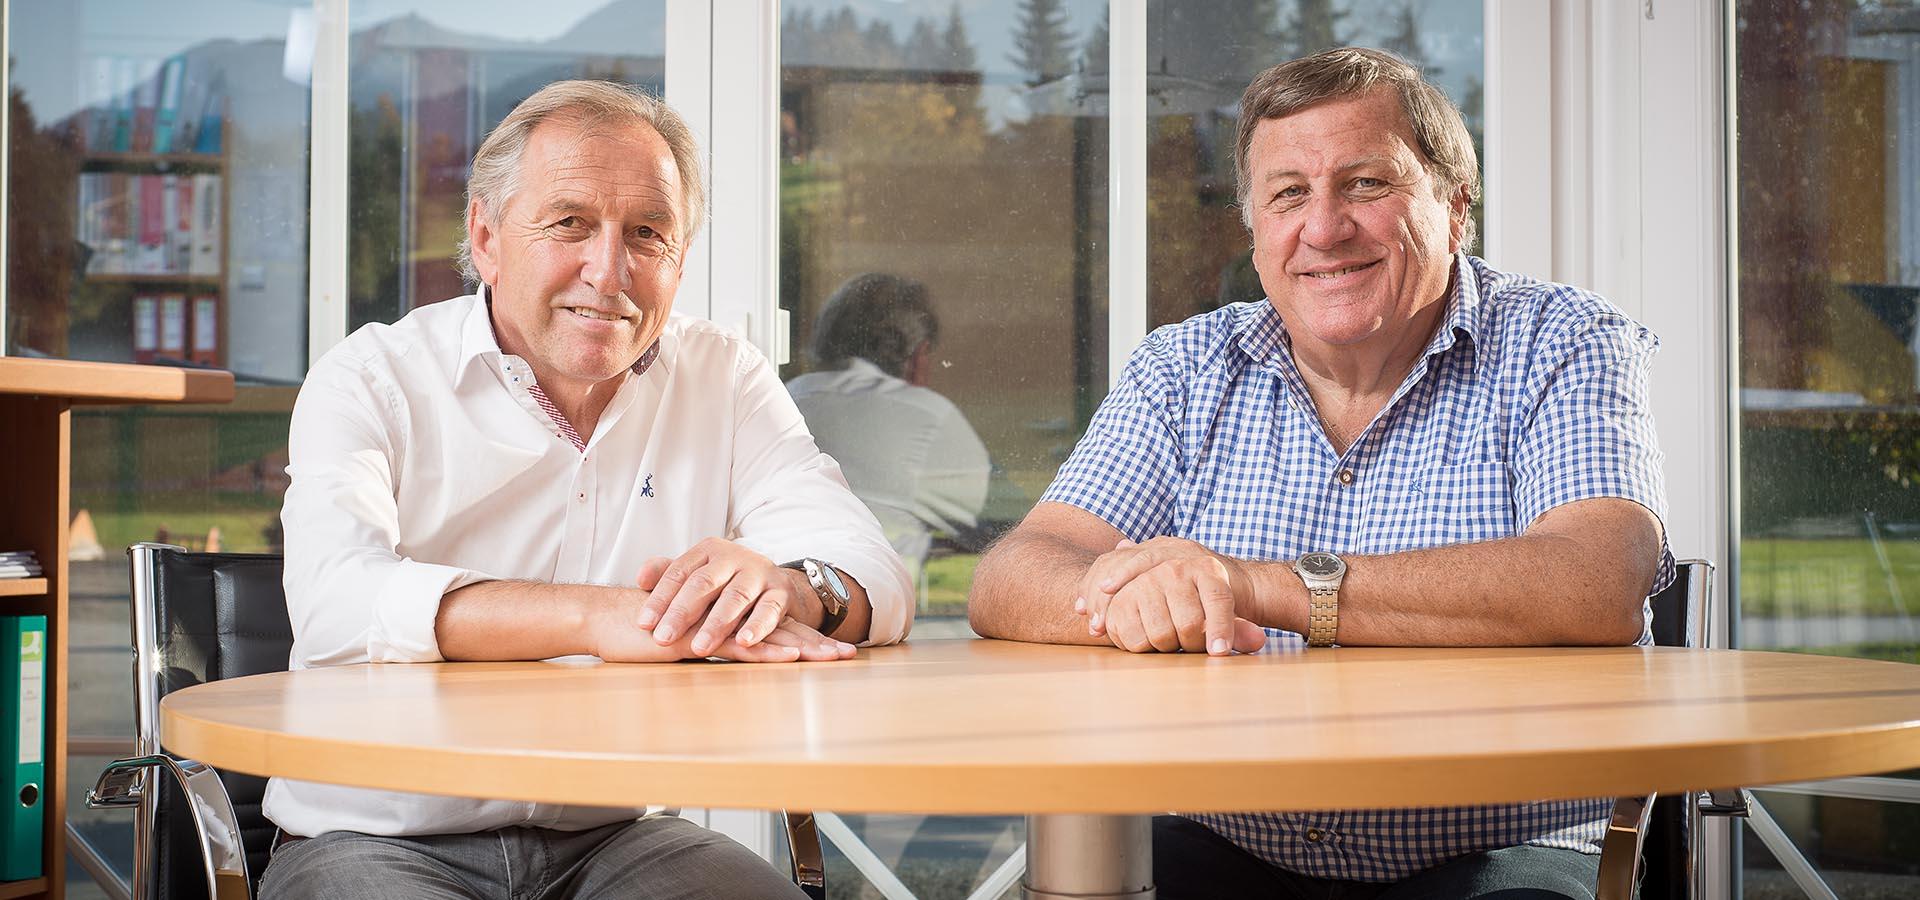 Johann Steger & Ing. Herbert Grander